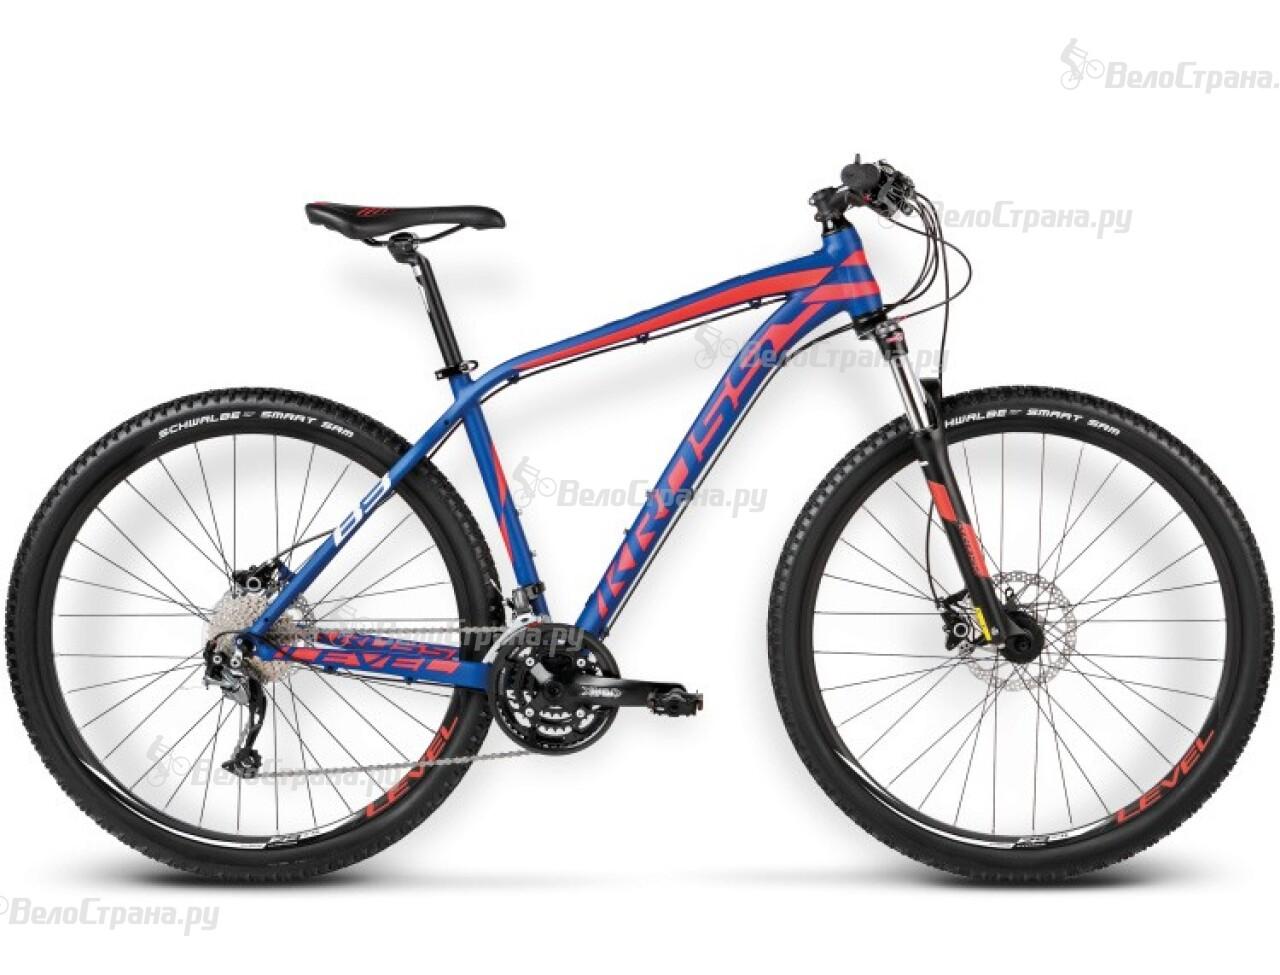 Велосипед Kross LEVEL B3 (2016) носки kross prs tall размер xl черный t4cod000275xlbk